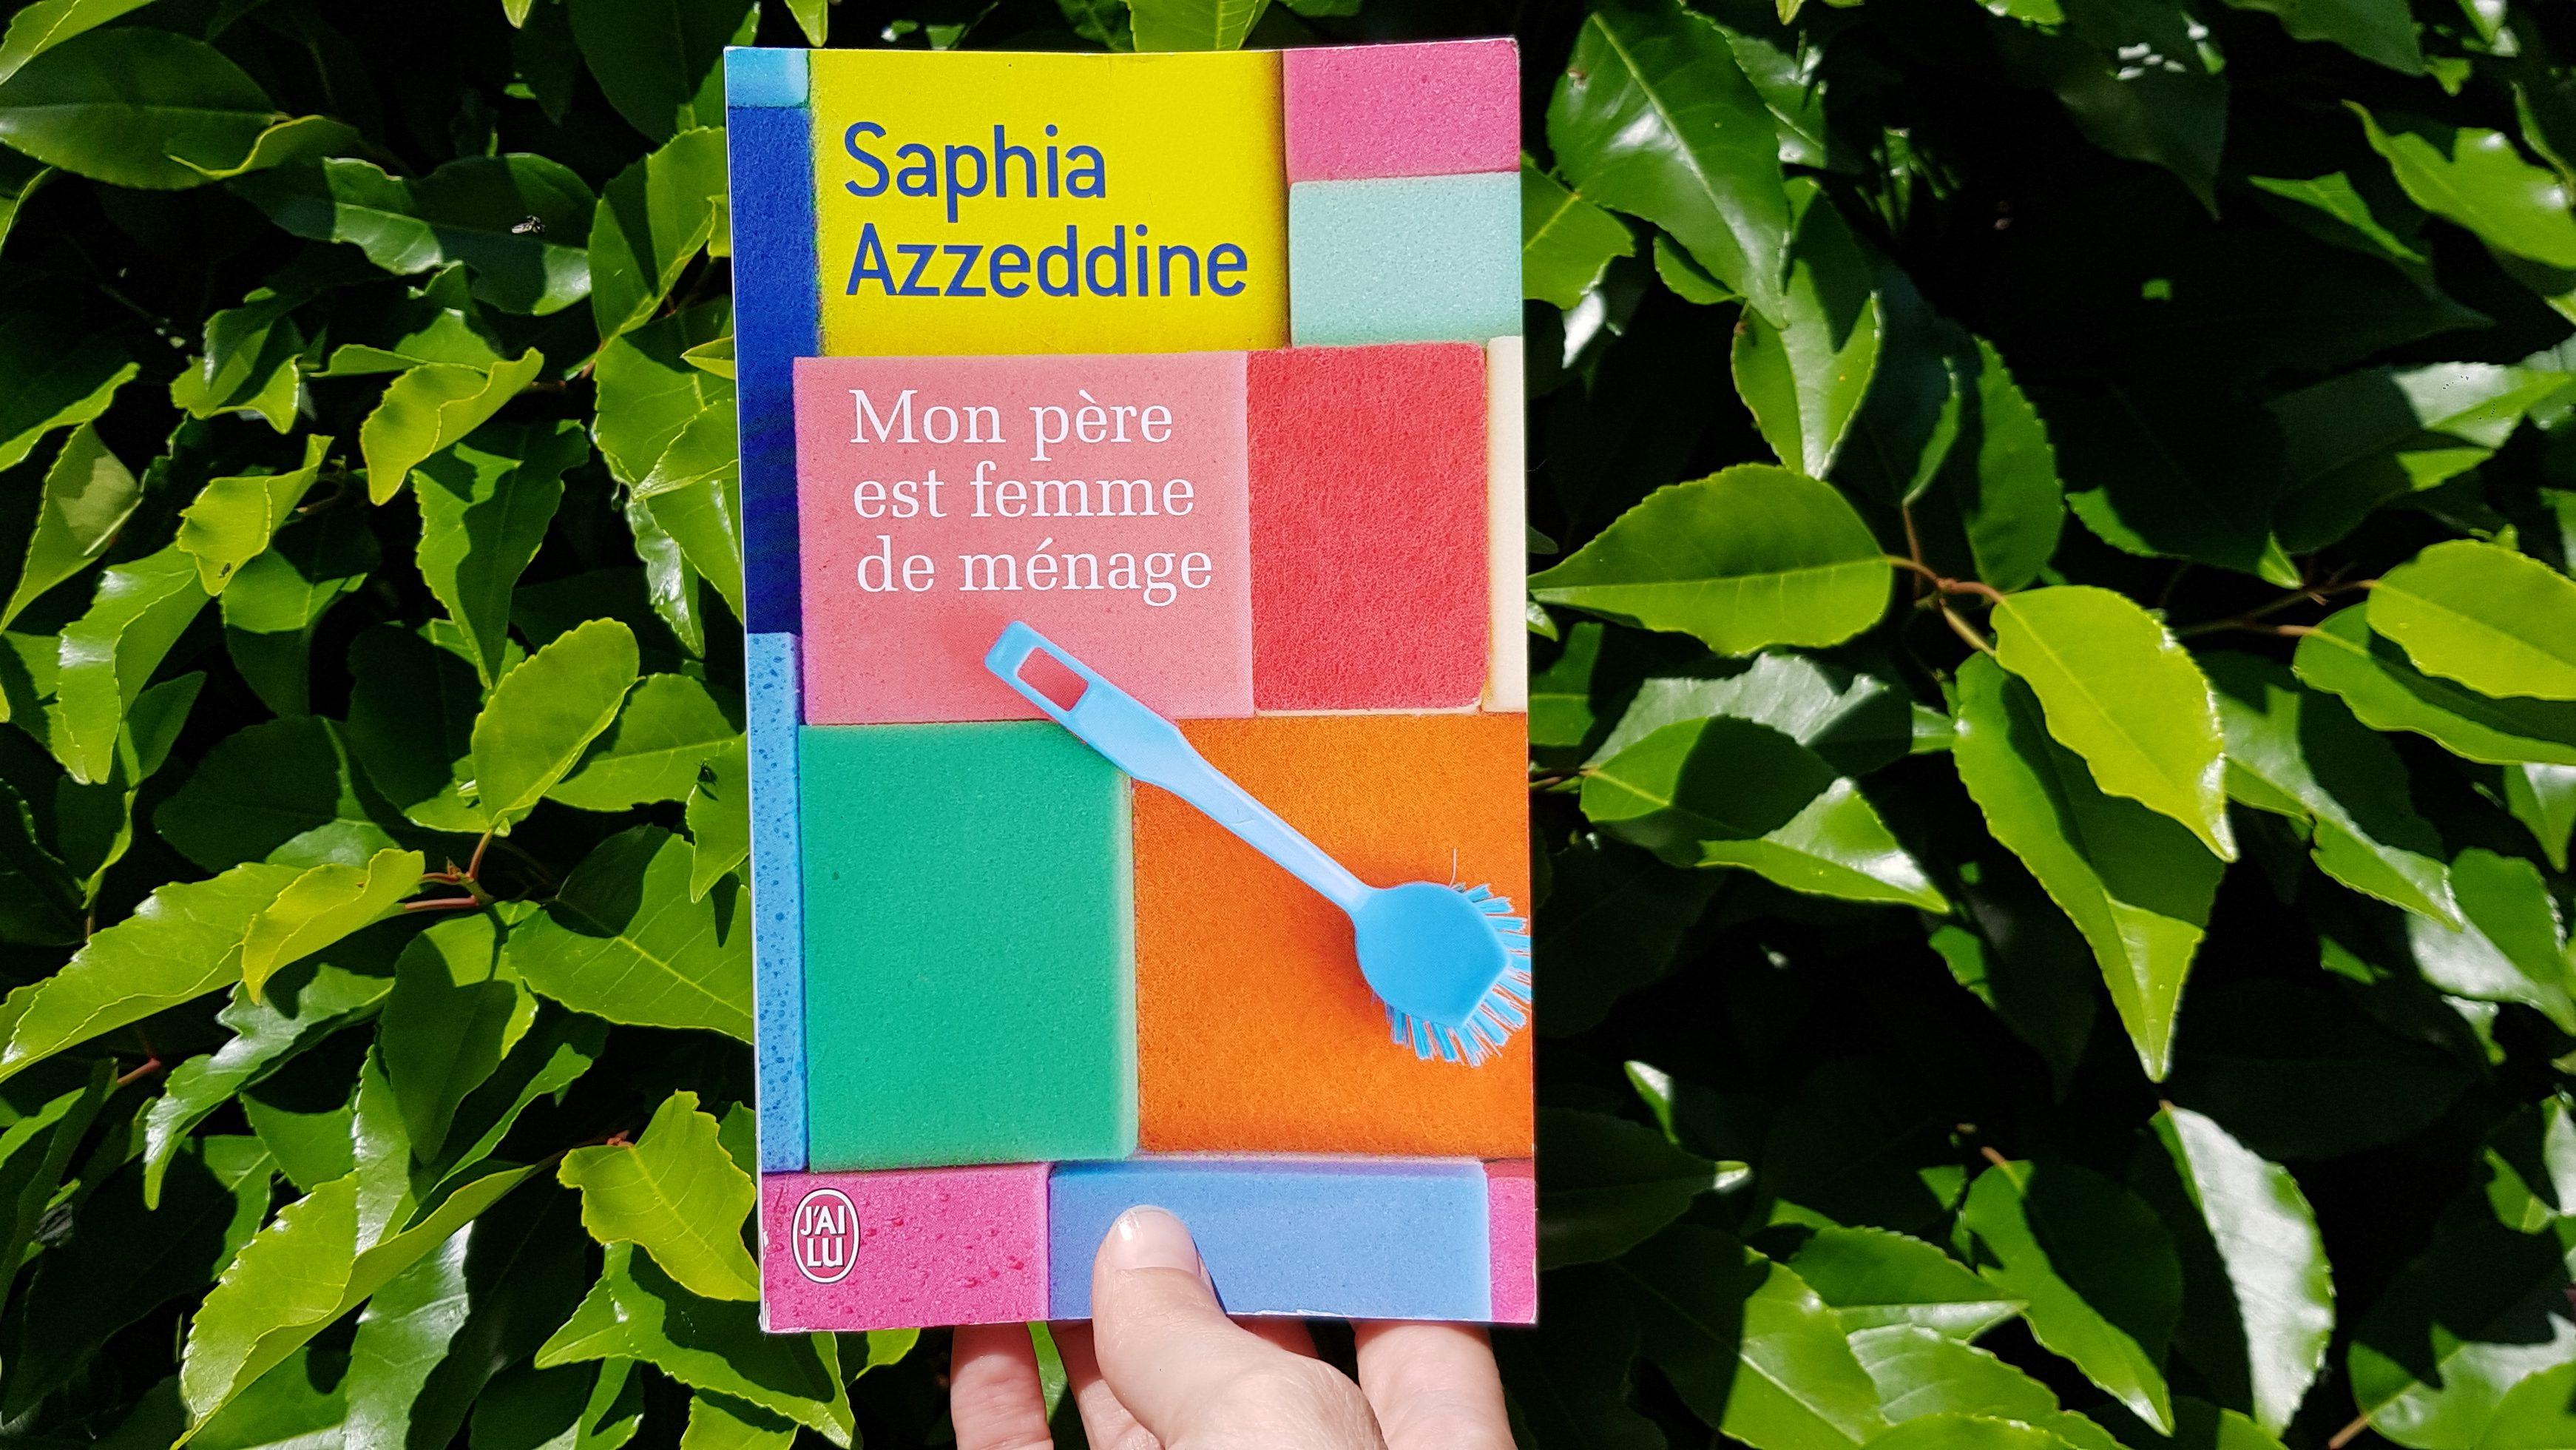 Mon père est femme de ménage de Saphia Azzeddine